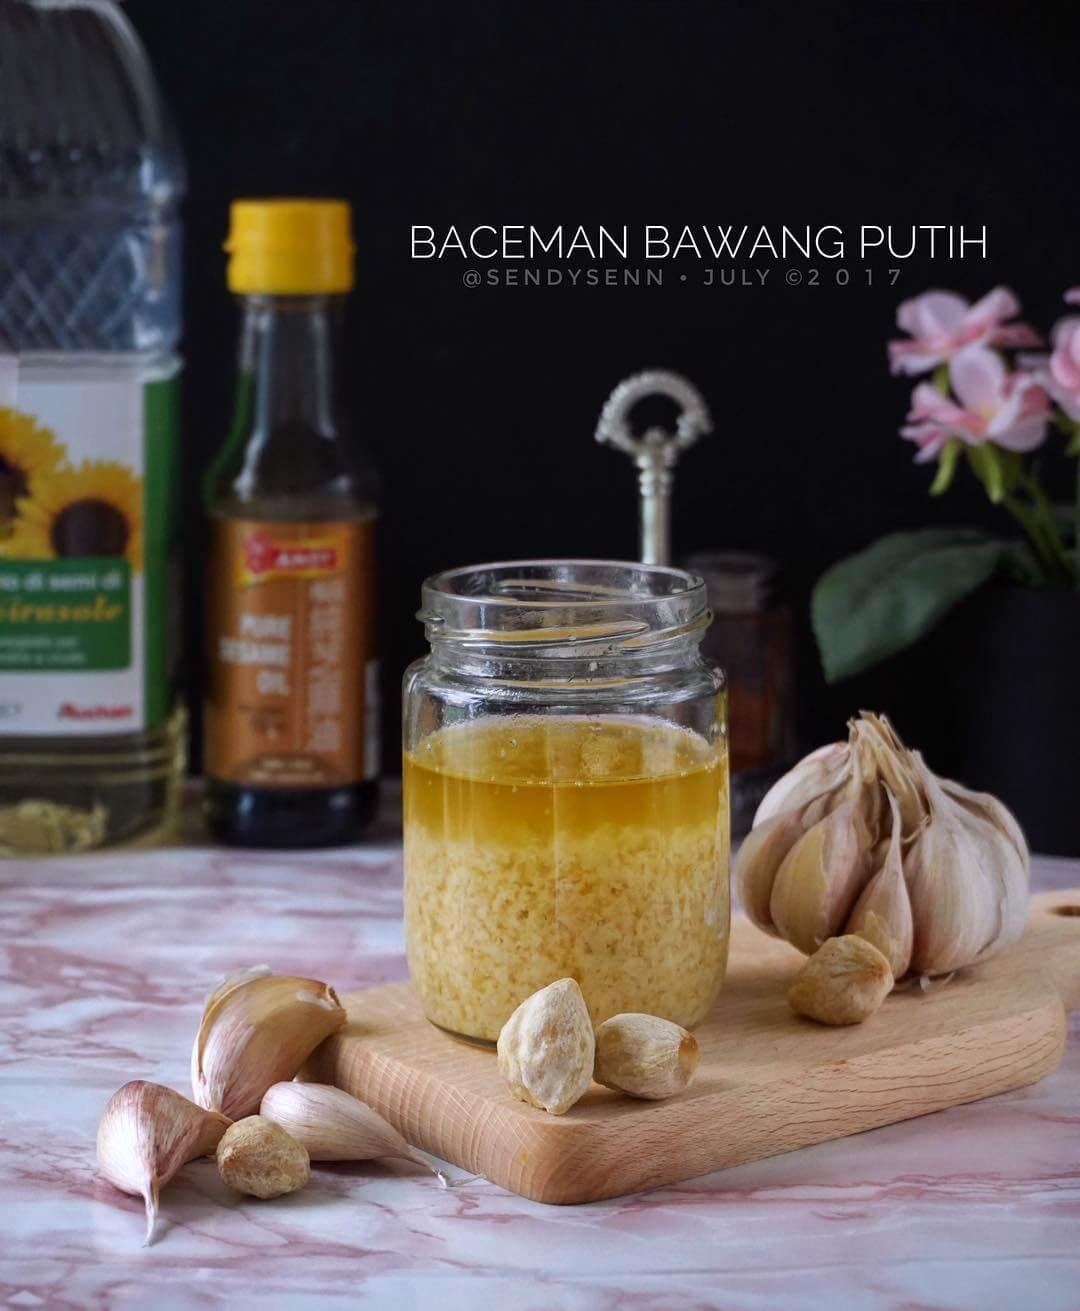 resep baceman bawang putih